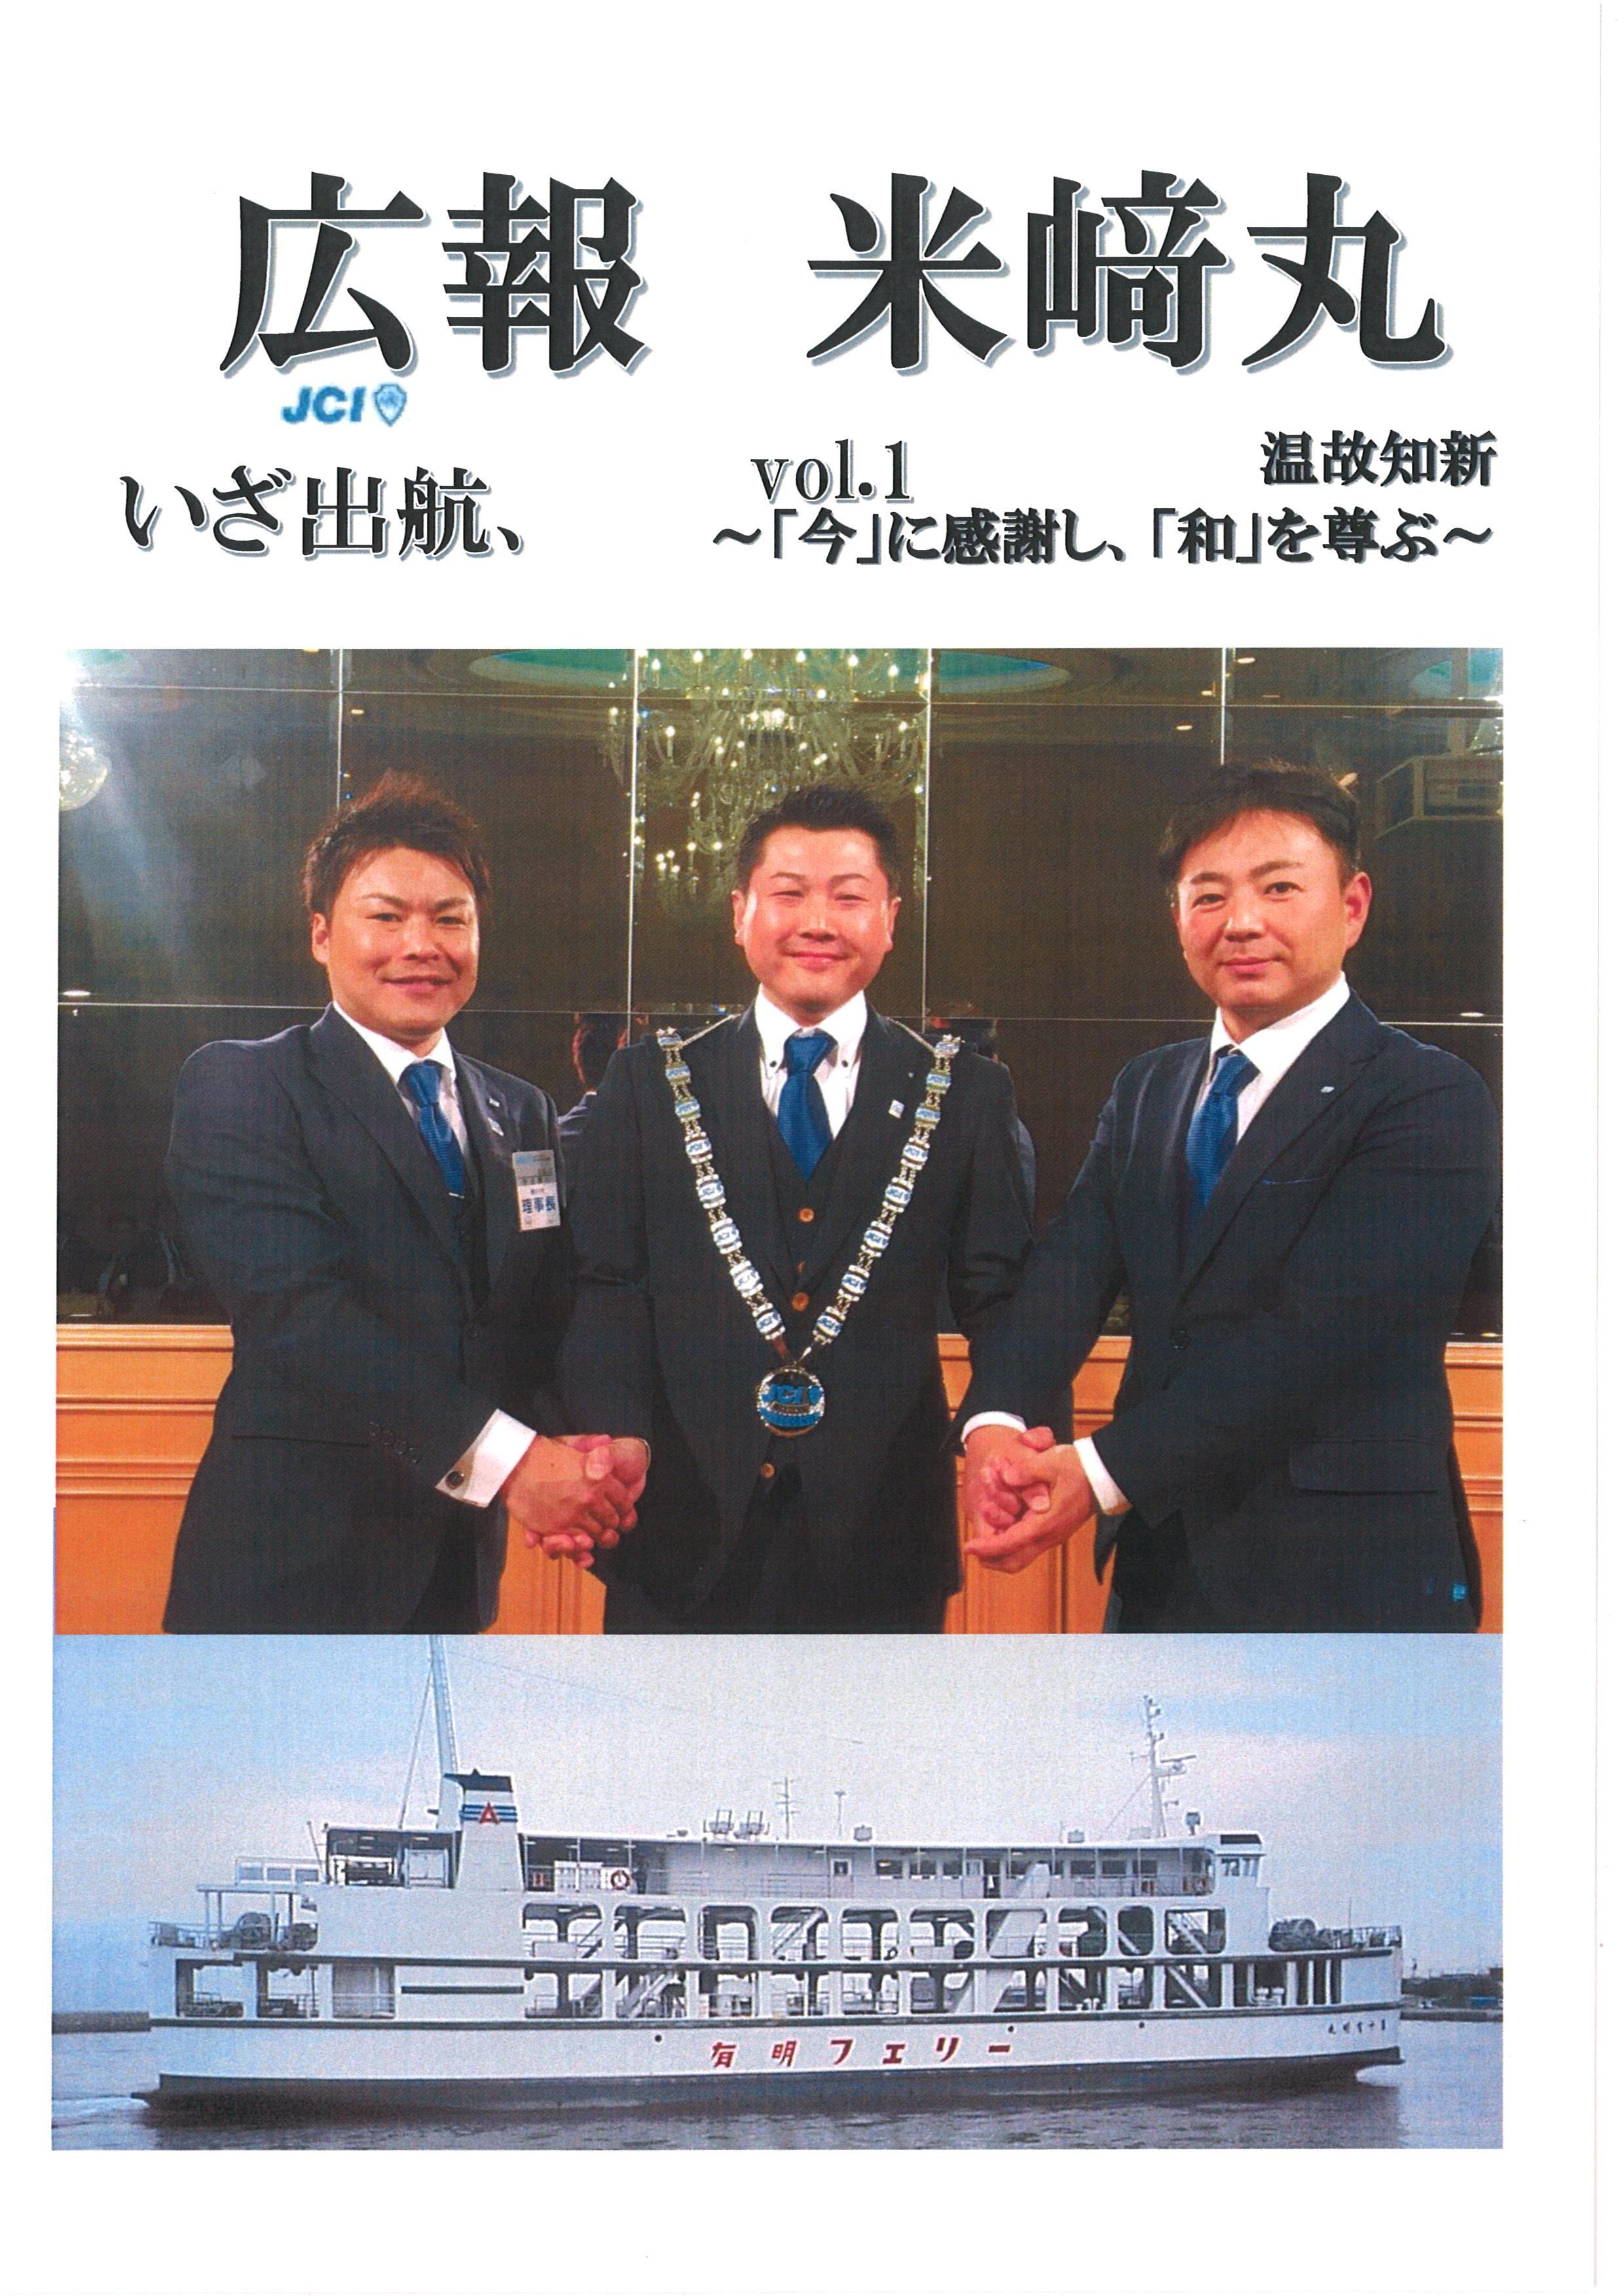 広報誌1月号表紙